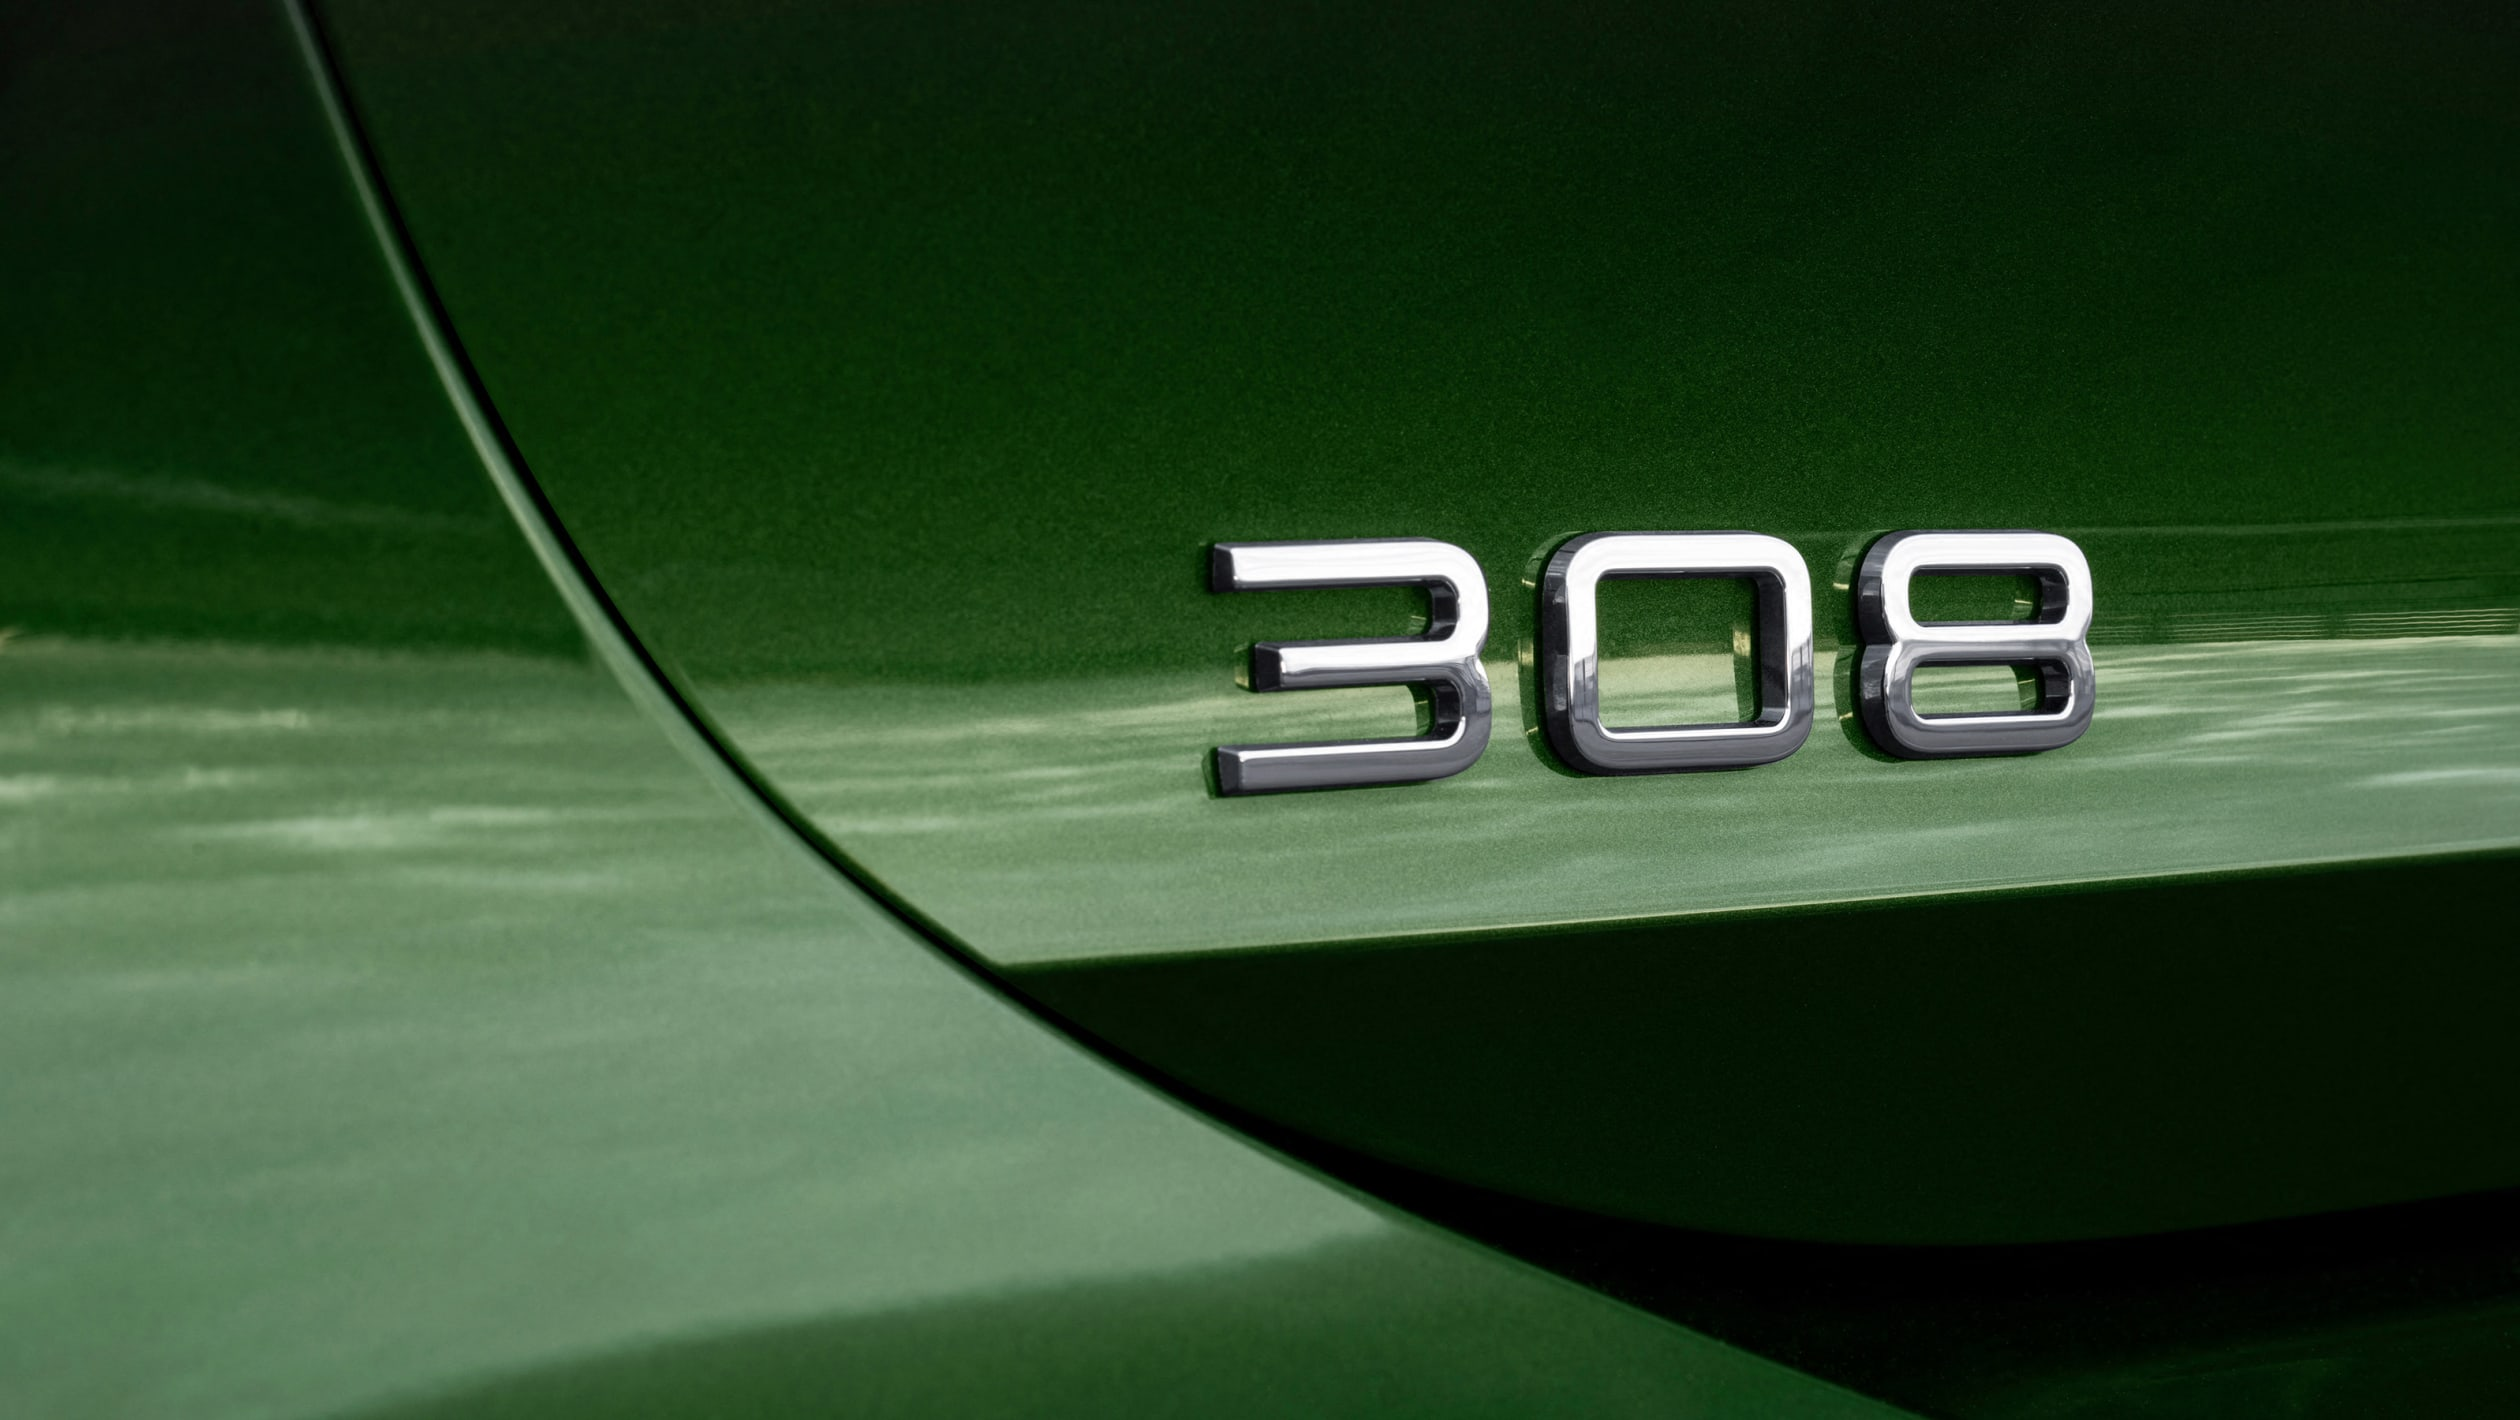 プジョー 308 新型 2021年 2022年 エクステリア カラー Olivine green